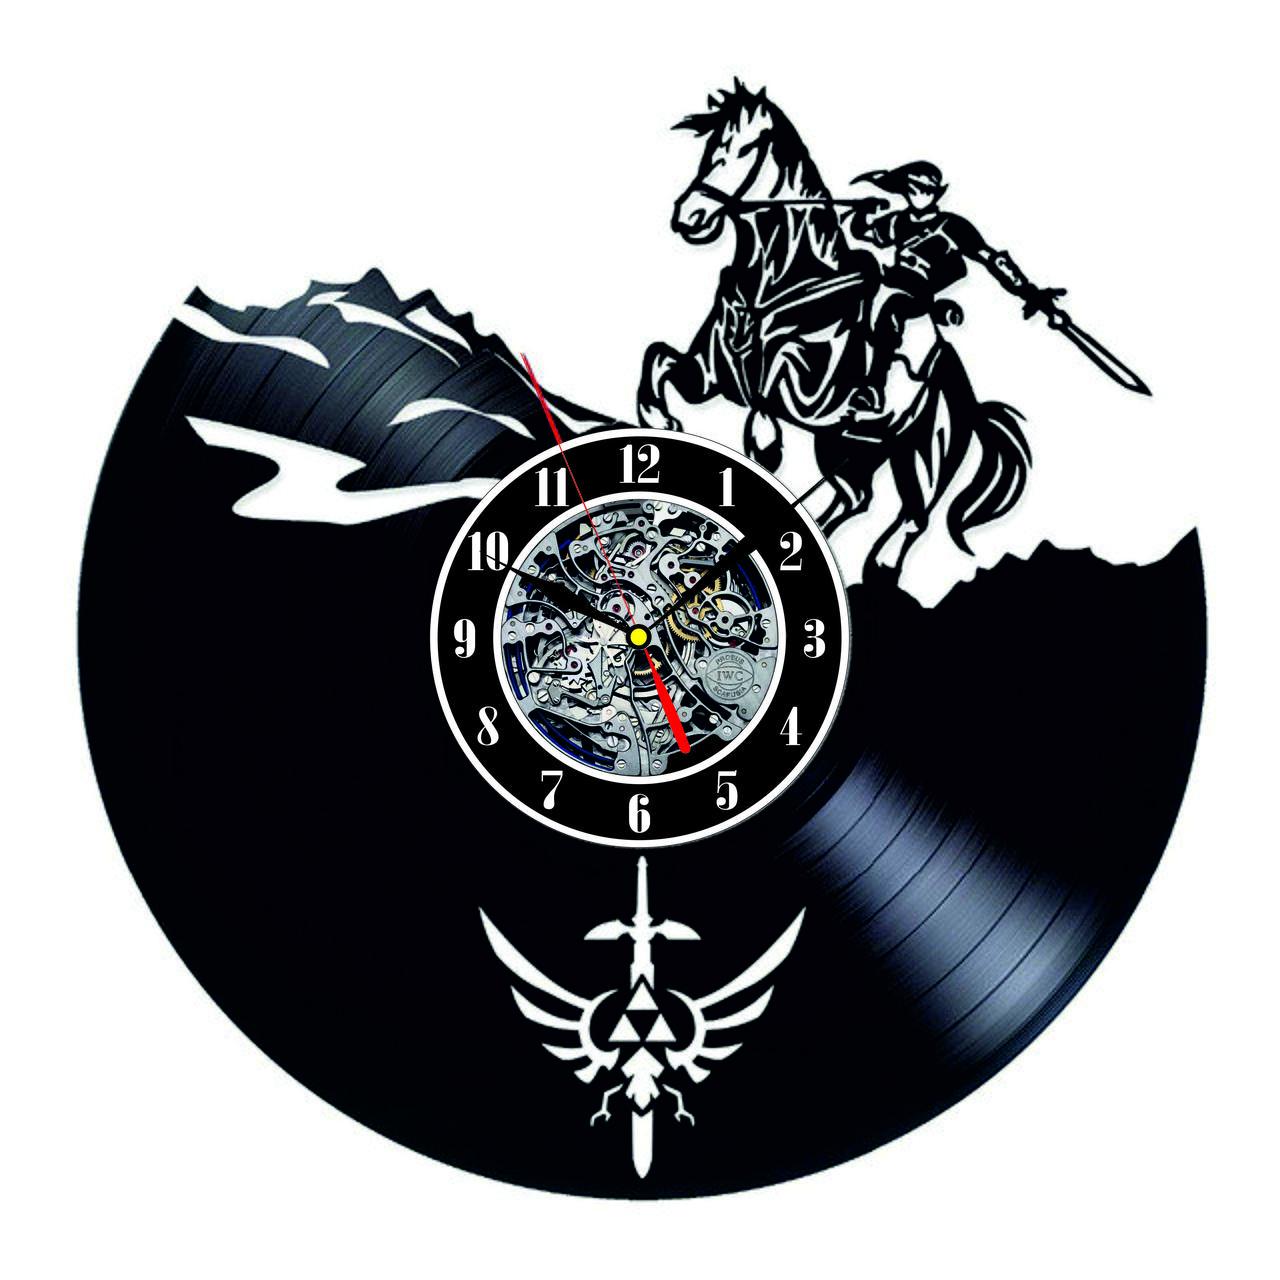 Настенные часы из виниловых пластинок LikeMark The Legend of Zelda